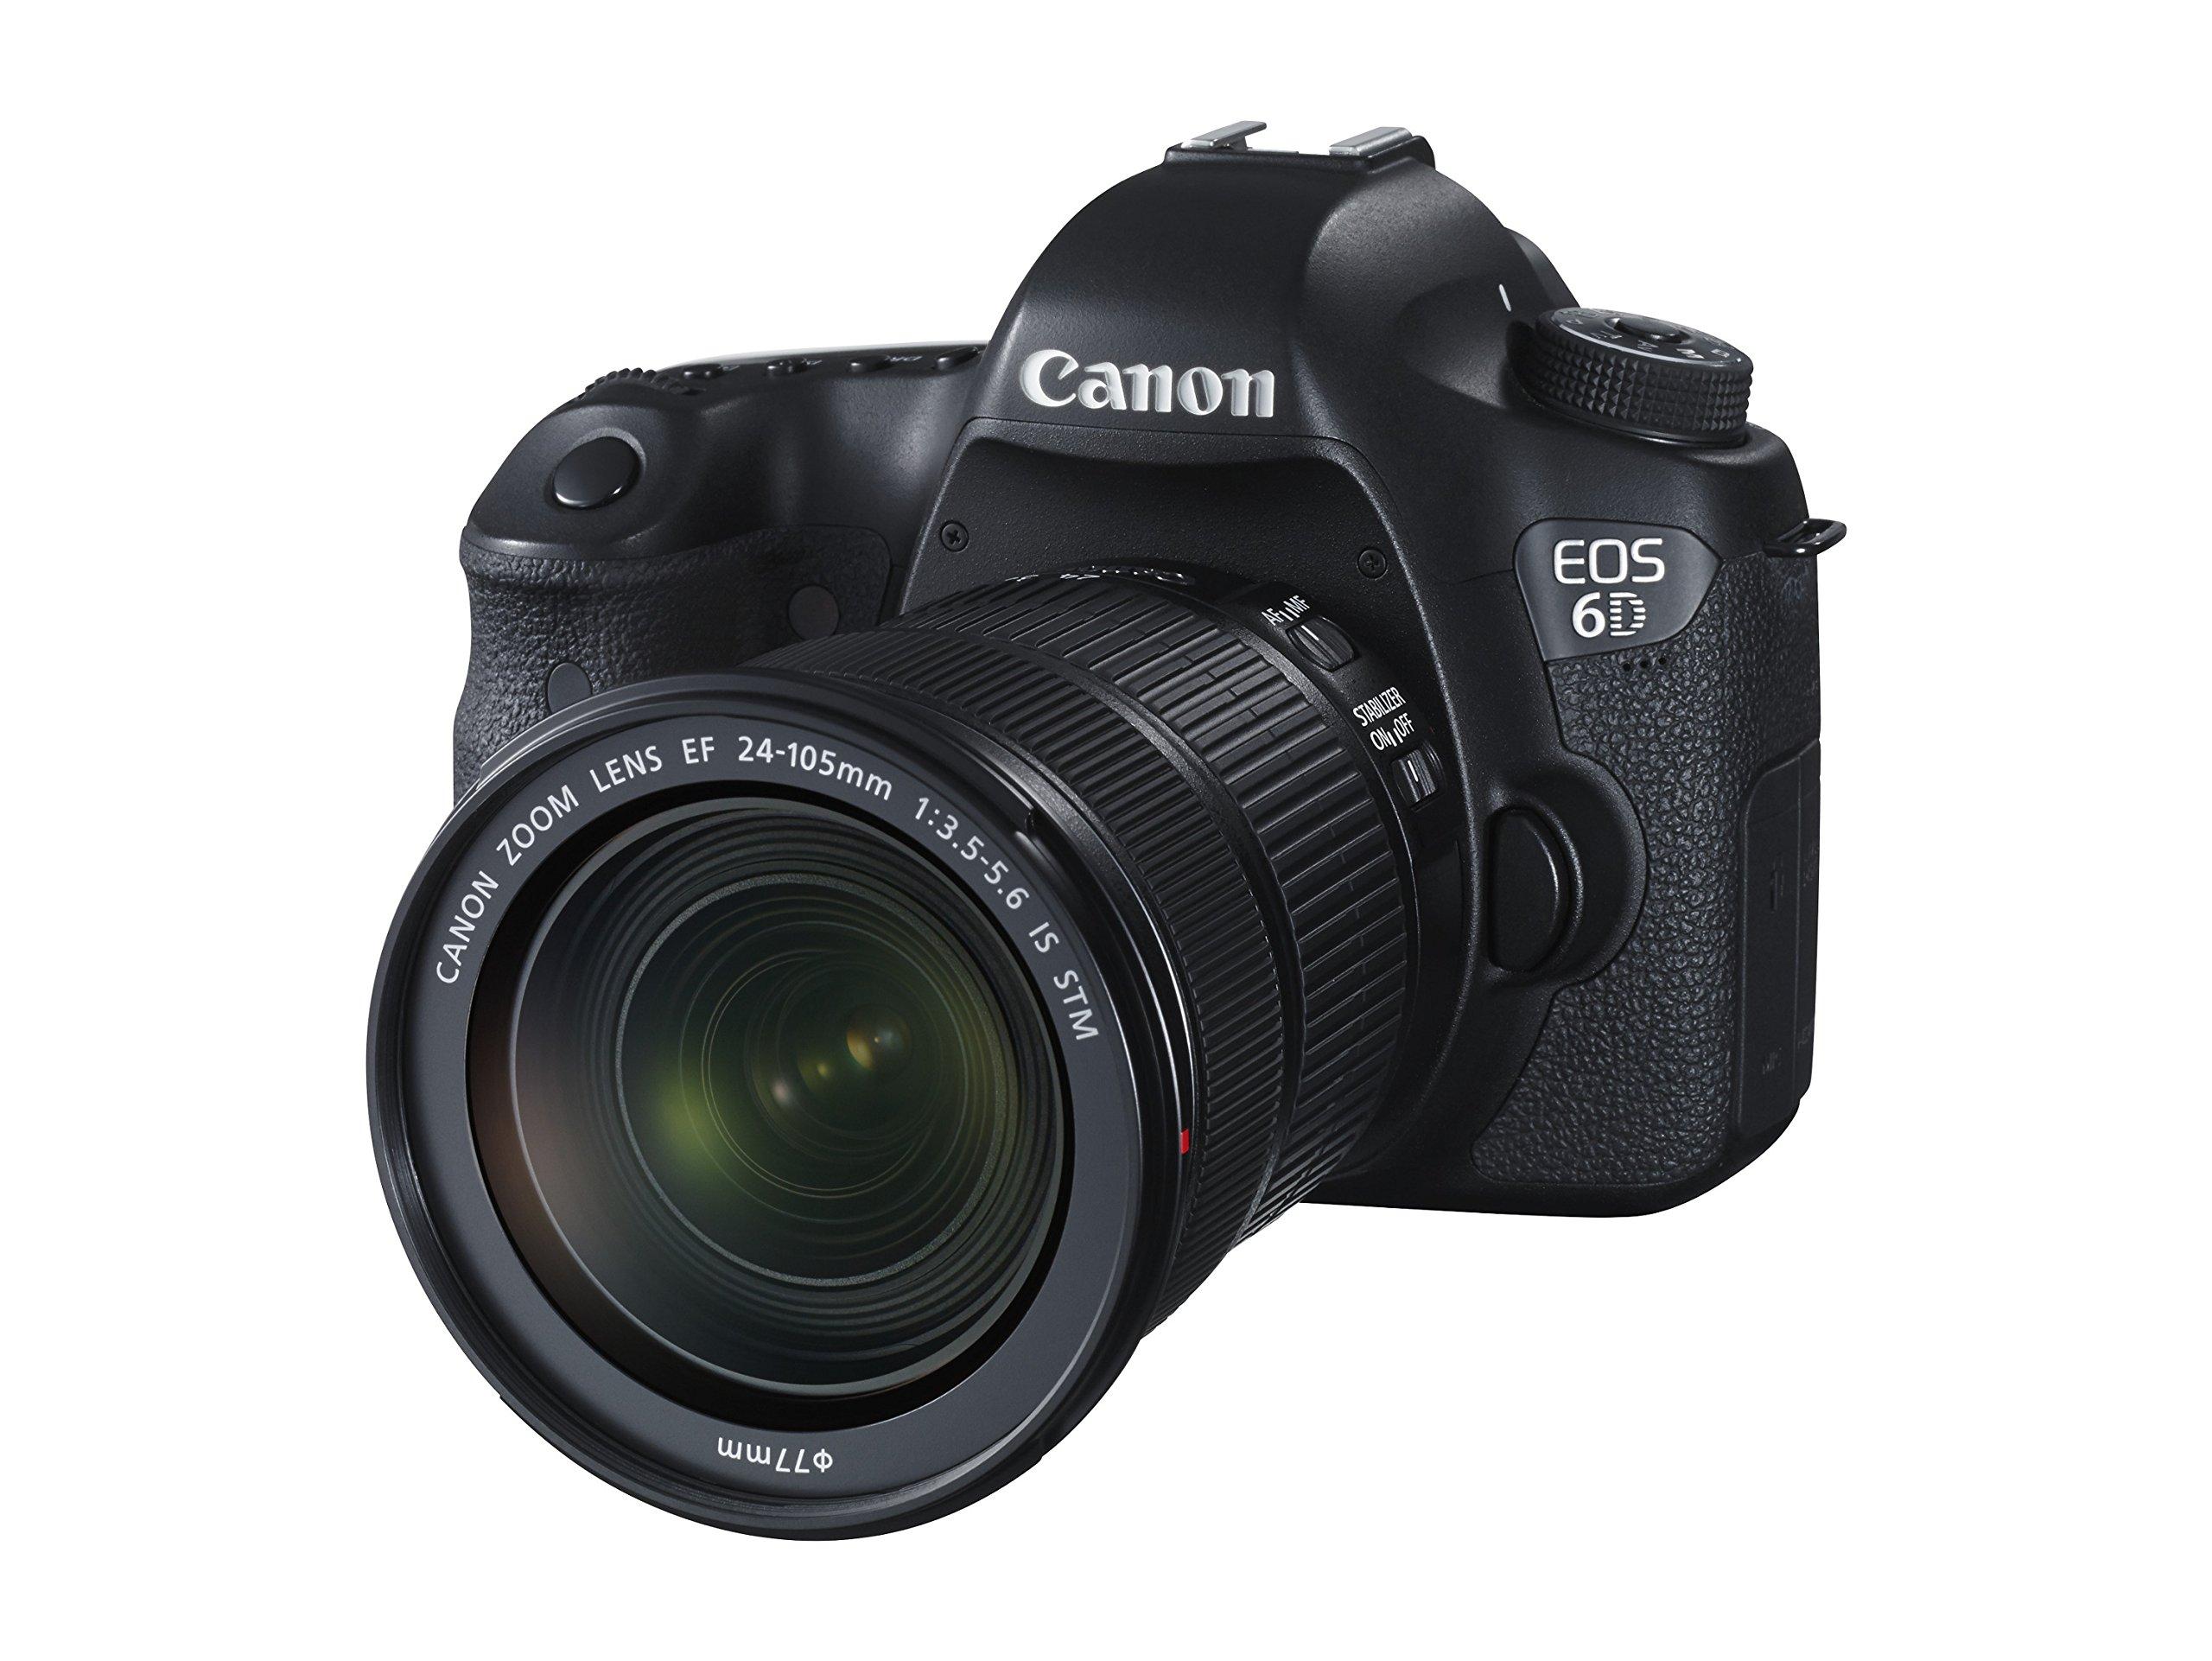 Canon EOS 6D Kit Fotocamera Reflex Digitale con Obiettivo EF 24-105 mm f/3.5-5.6 IS STM, 20 Megapixel, Nero/Antracite product image